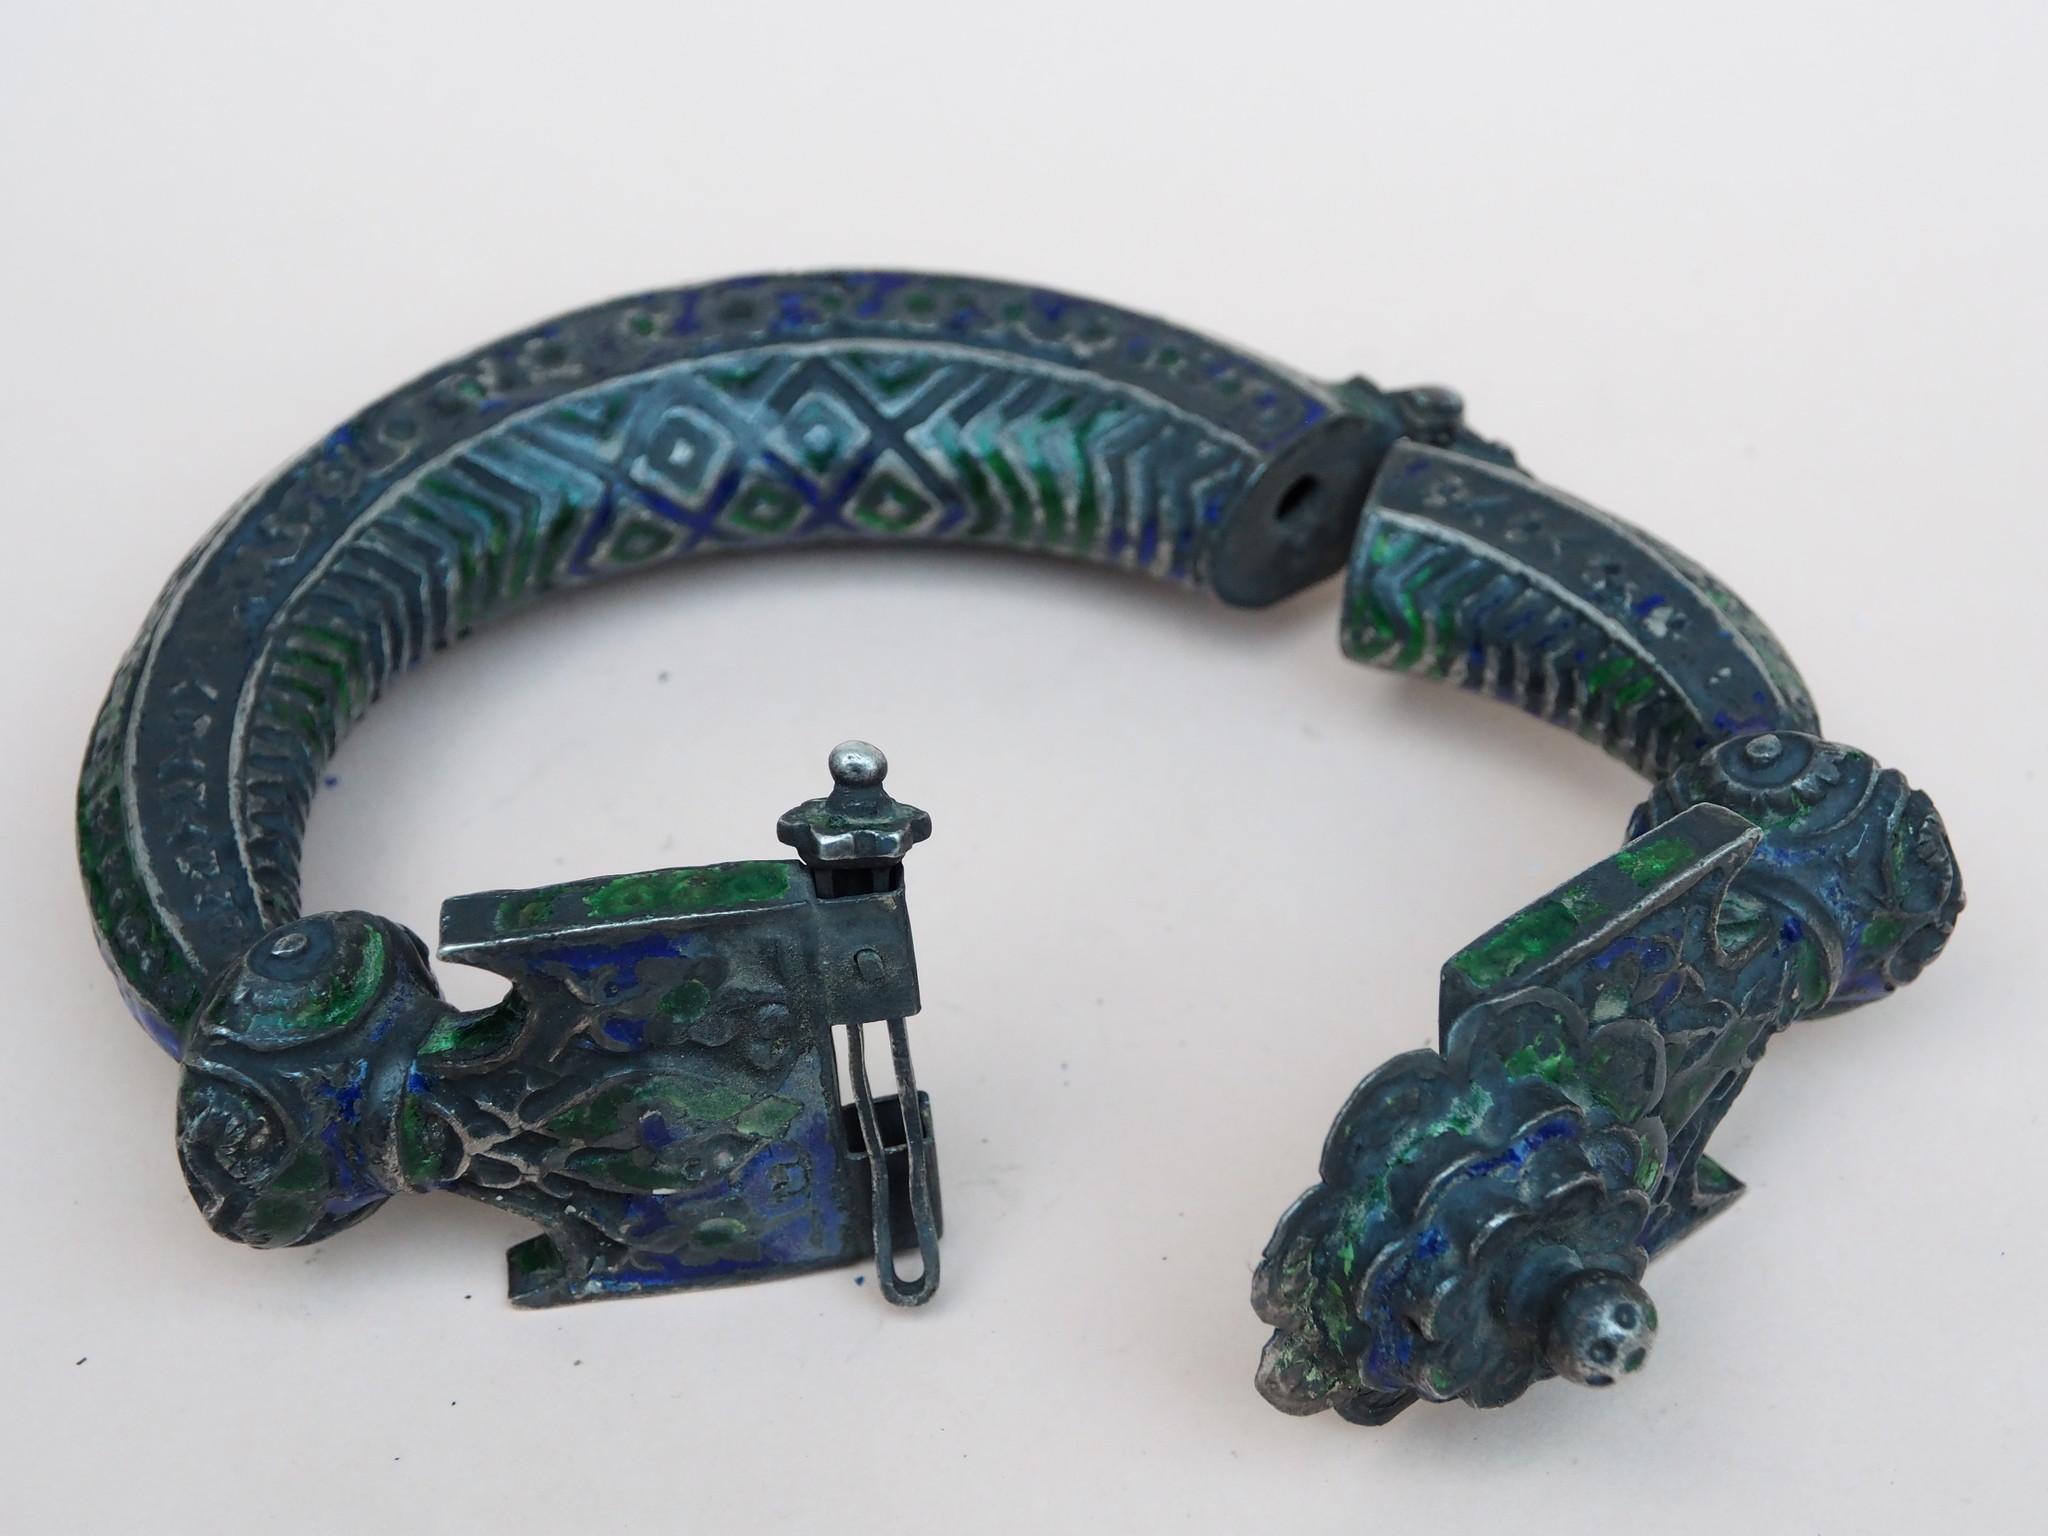 Antike handgemachte Vintage emaillierte Fußreifen Manschette Armband Multan und Sindh Pakistan Jhanjhar Armreifen  Nr-21/WL2